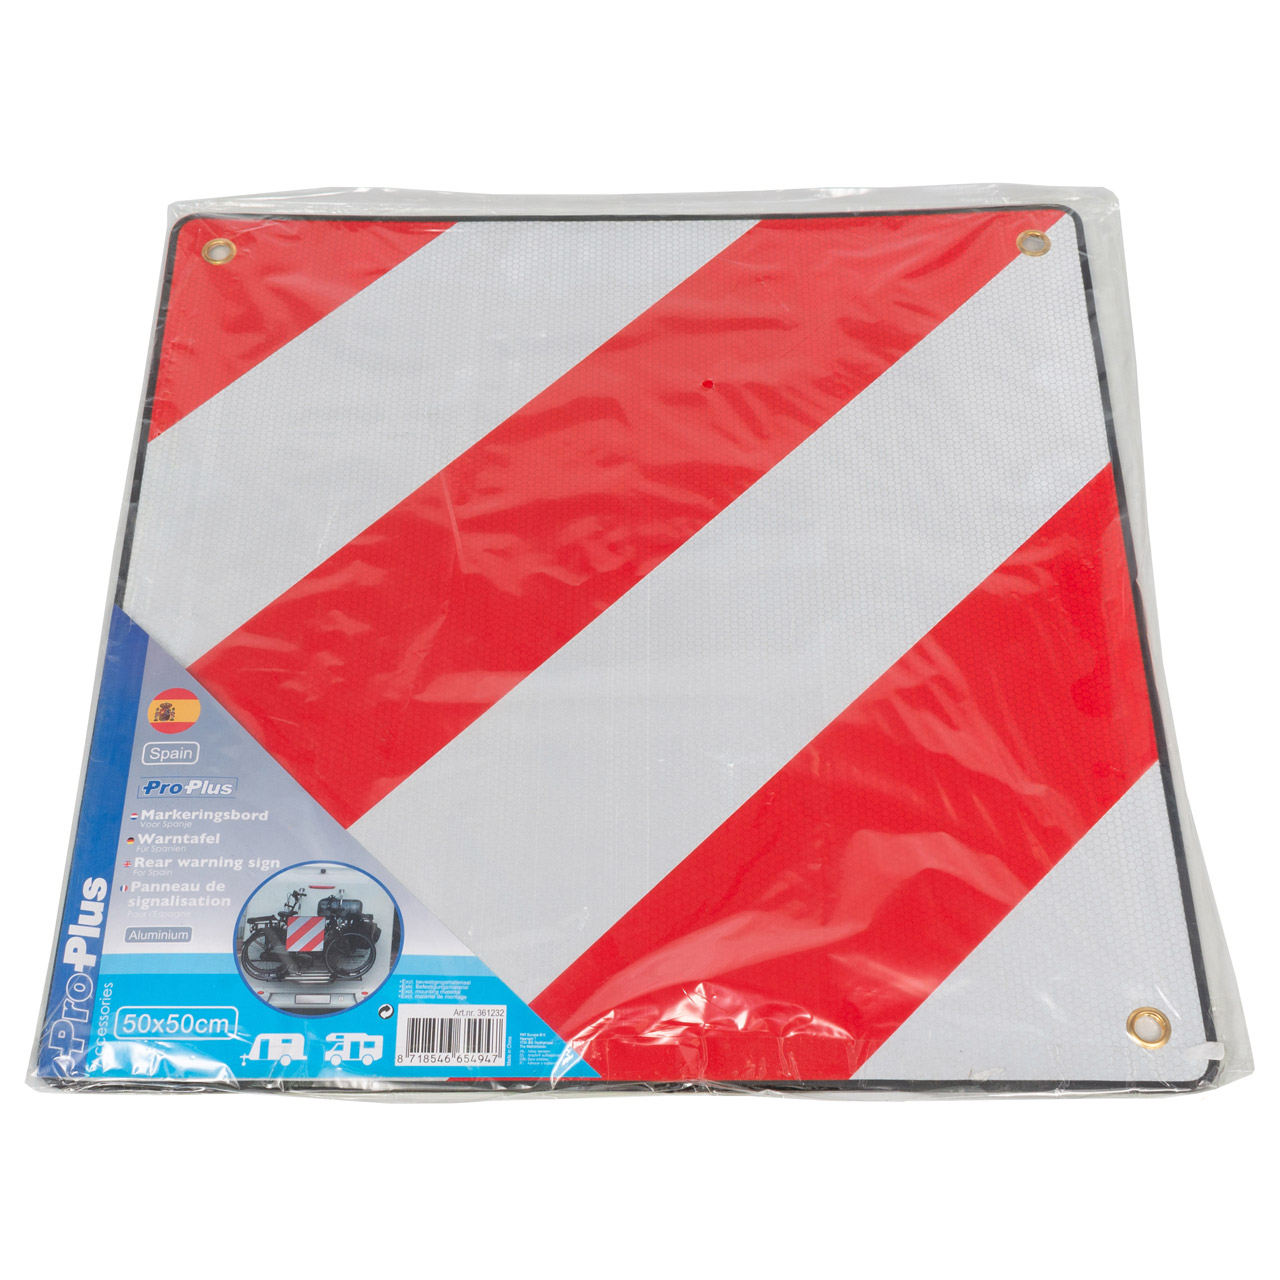 PROPLUS 361232 Warnschild Alu-Warntafel ROT-Weiß 50x50cm für Spanien